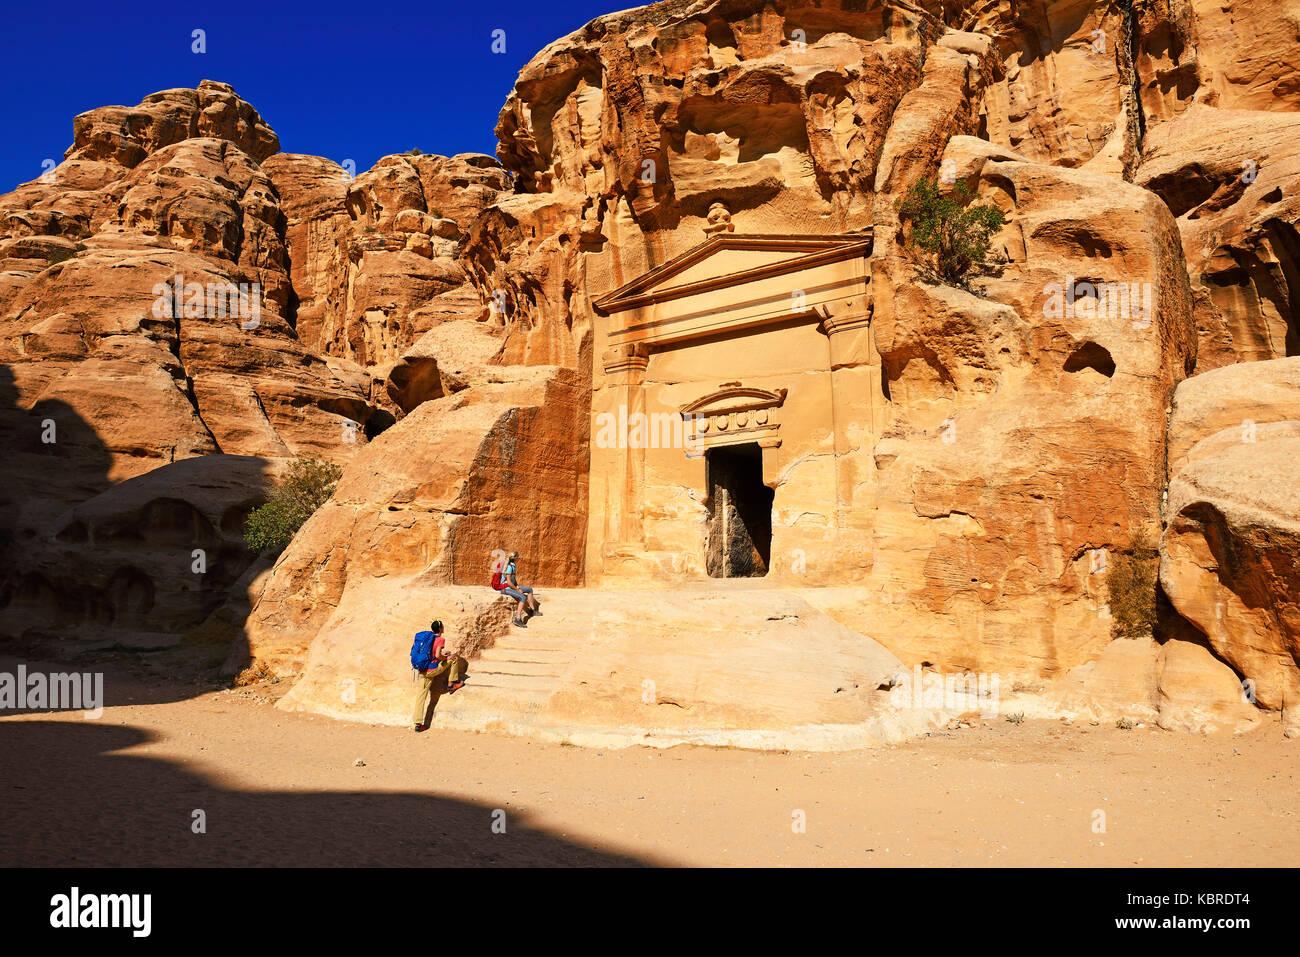 Gli escursionisti al rock-chiesa di little petra, Giordania Immagini Stock